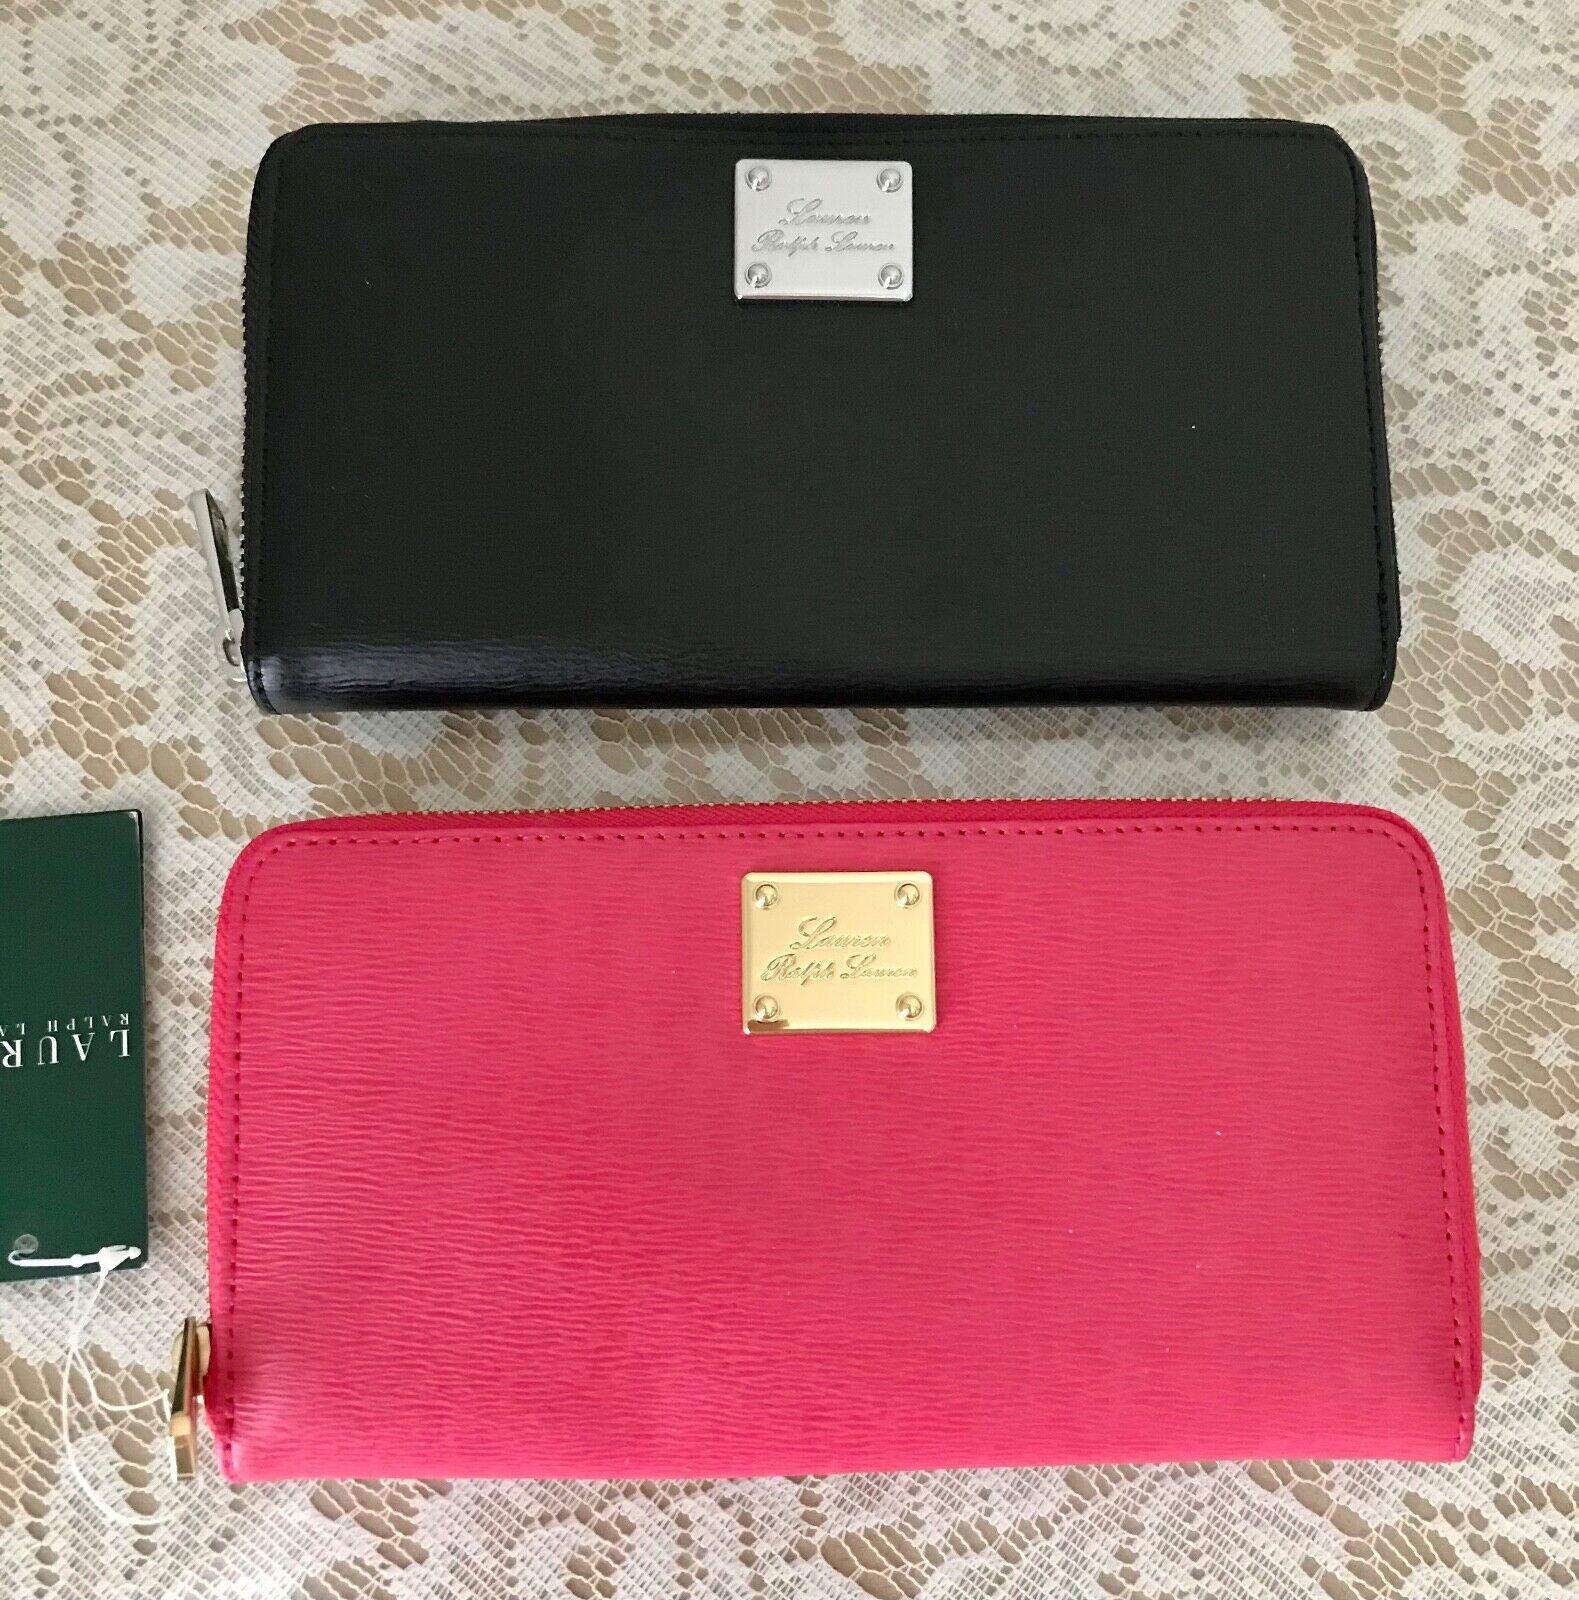 NWT Ralph Lauren Leather Sloan Street zip wallet pink black geranium